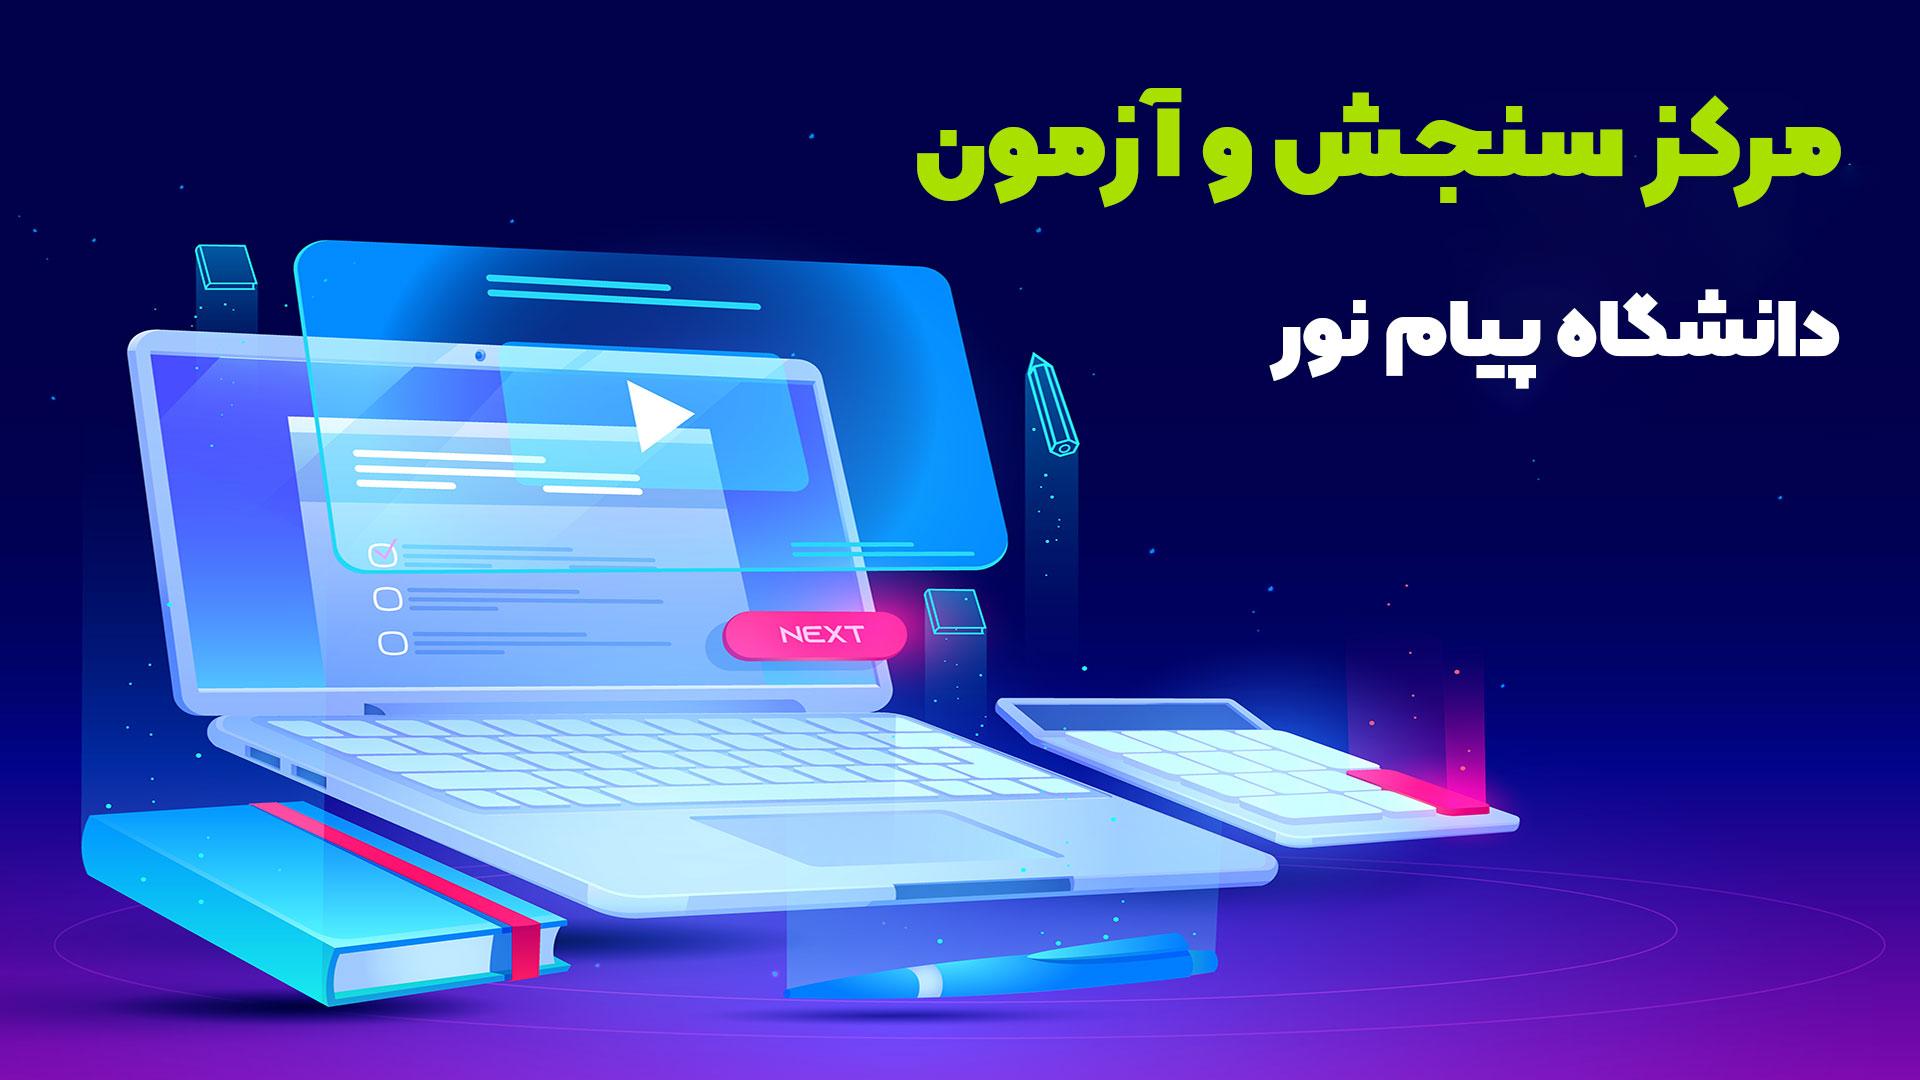 مرکز سنجش و آزمون دانشگاه پیام نور